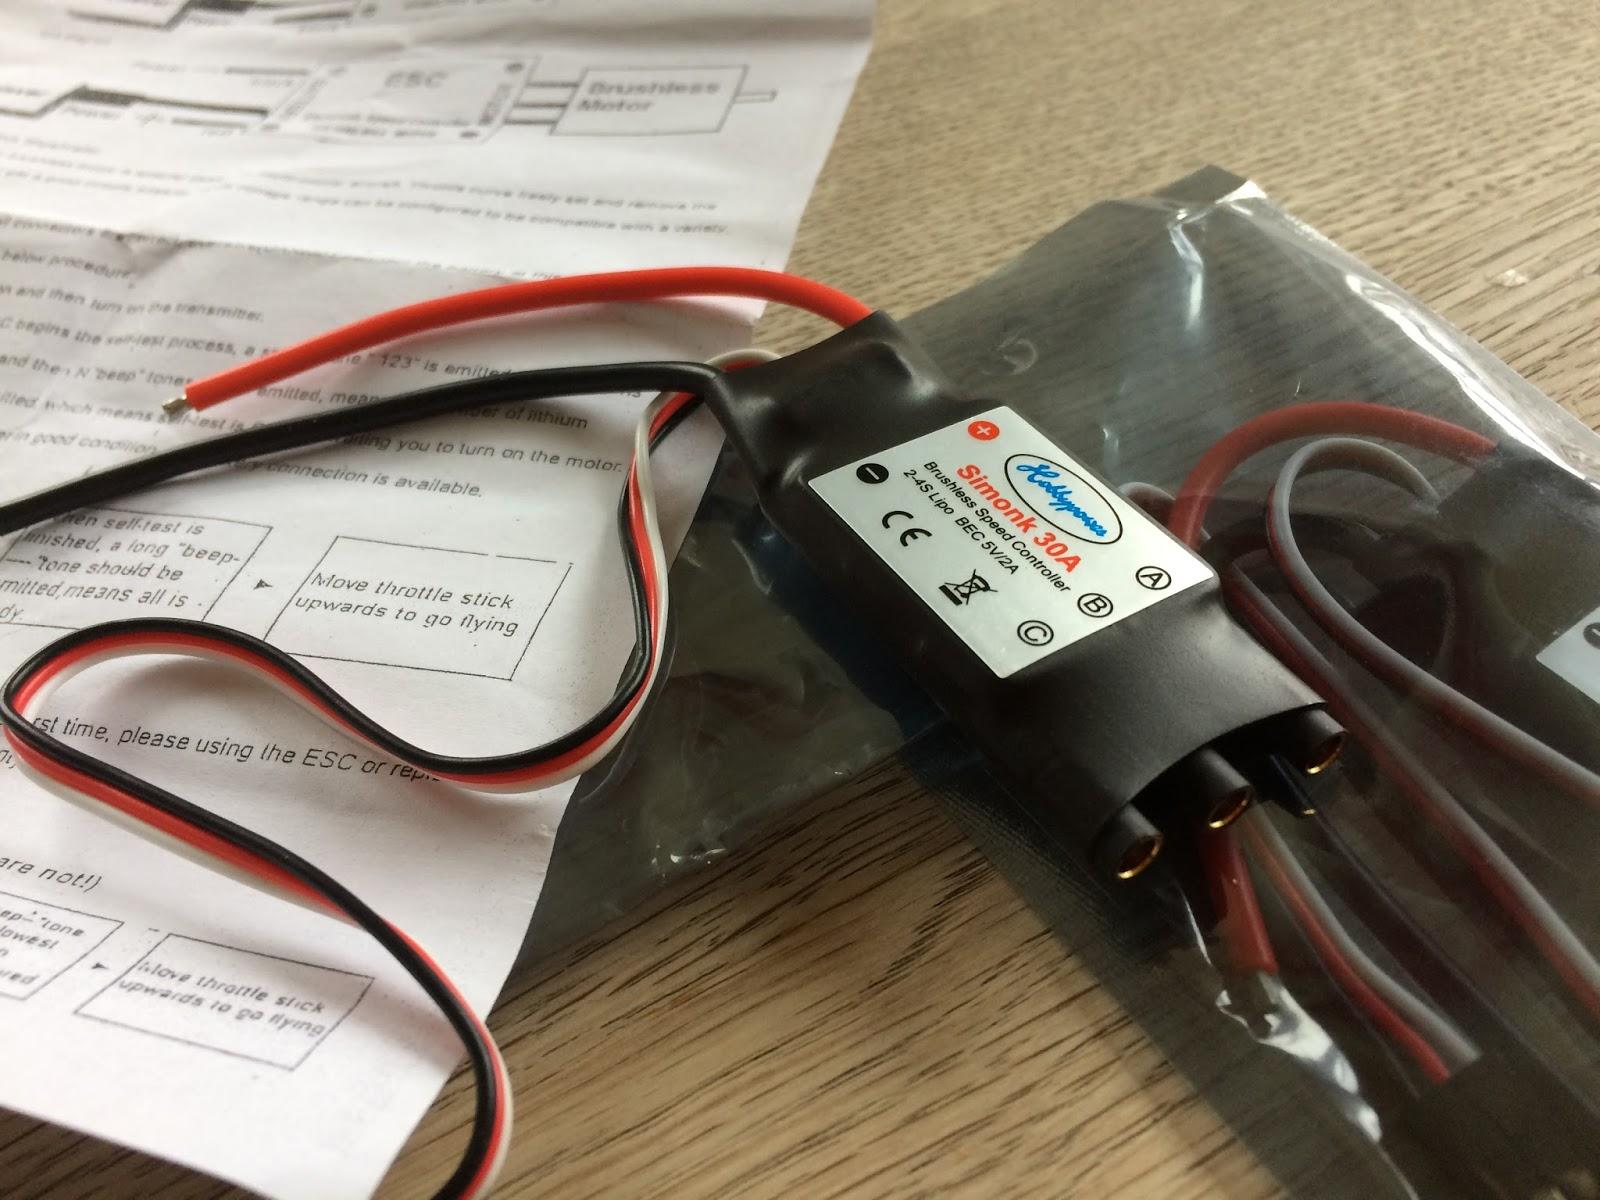 cc3d bec wiring diagram wiring librarycc3d bec wiring diagram [ 1600 x 1200 Pixel ]